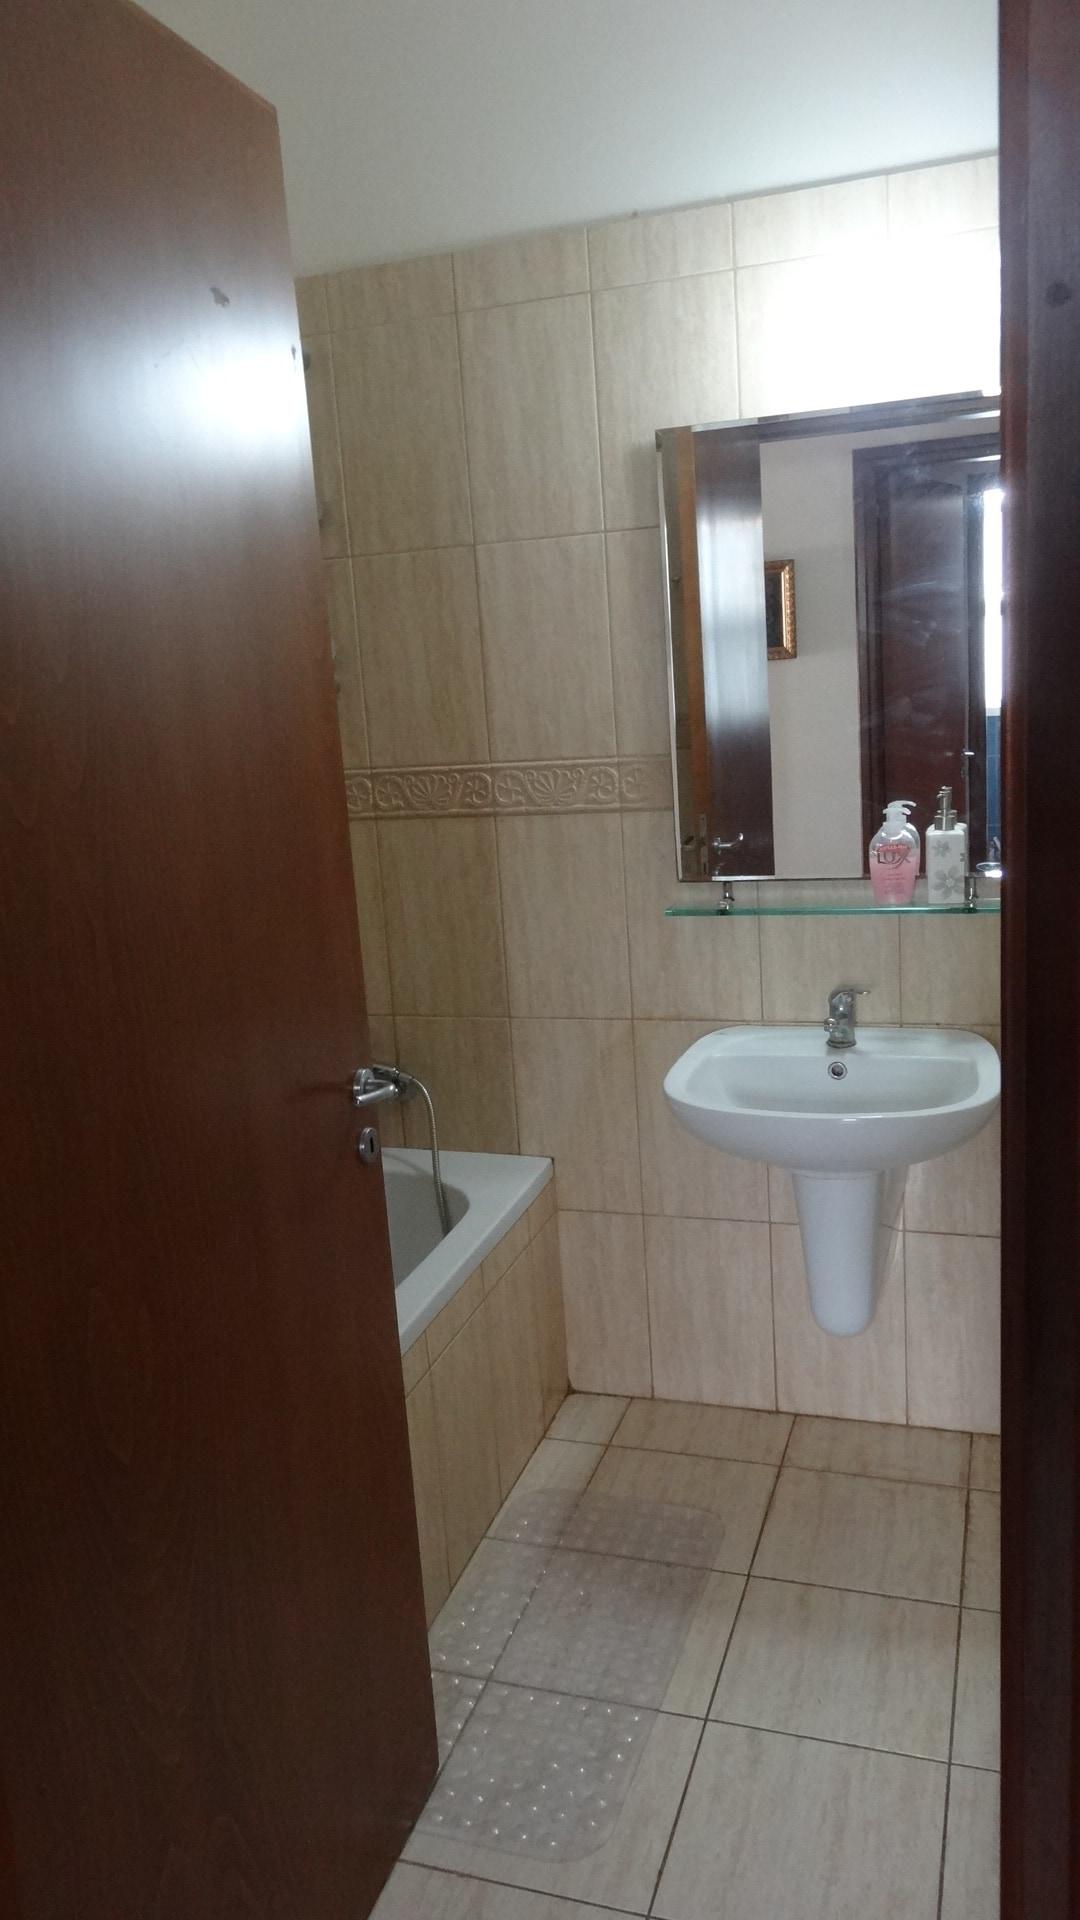 The bathroom view from door